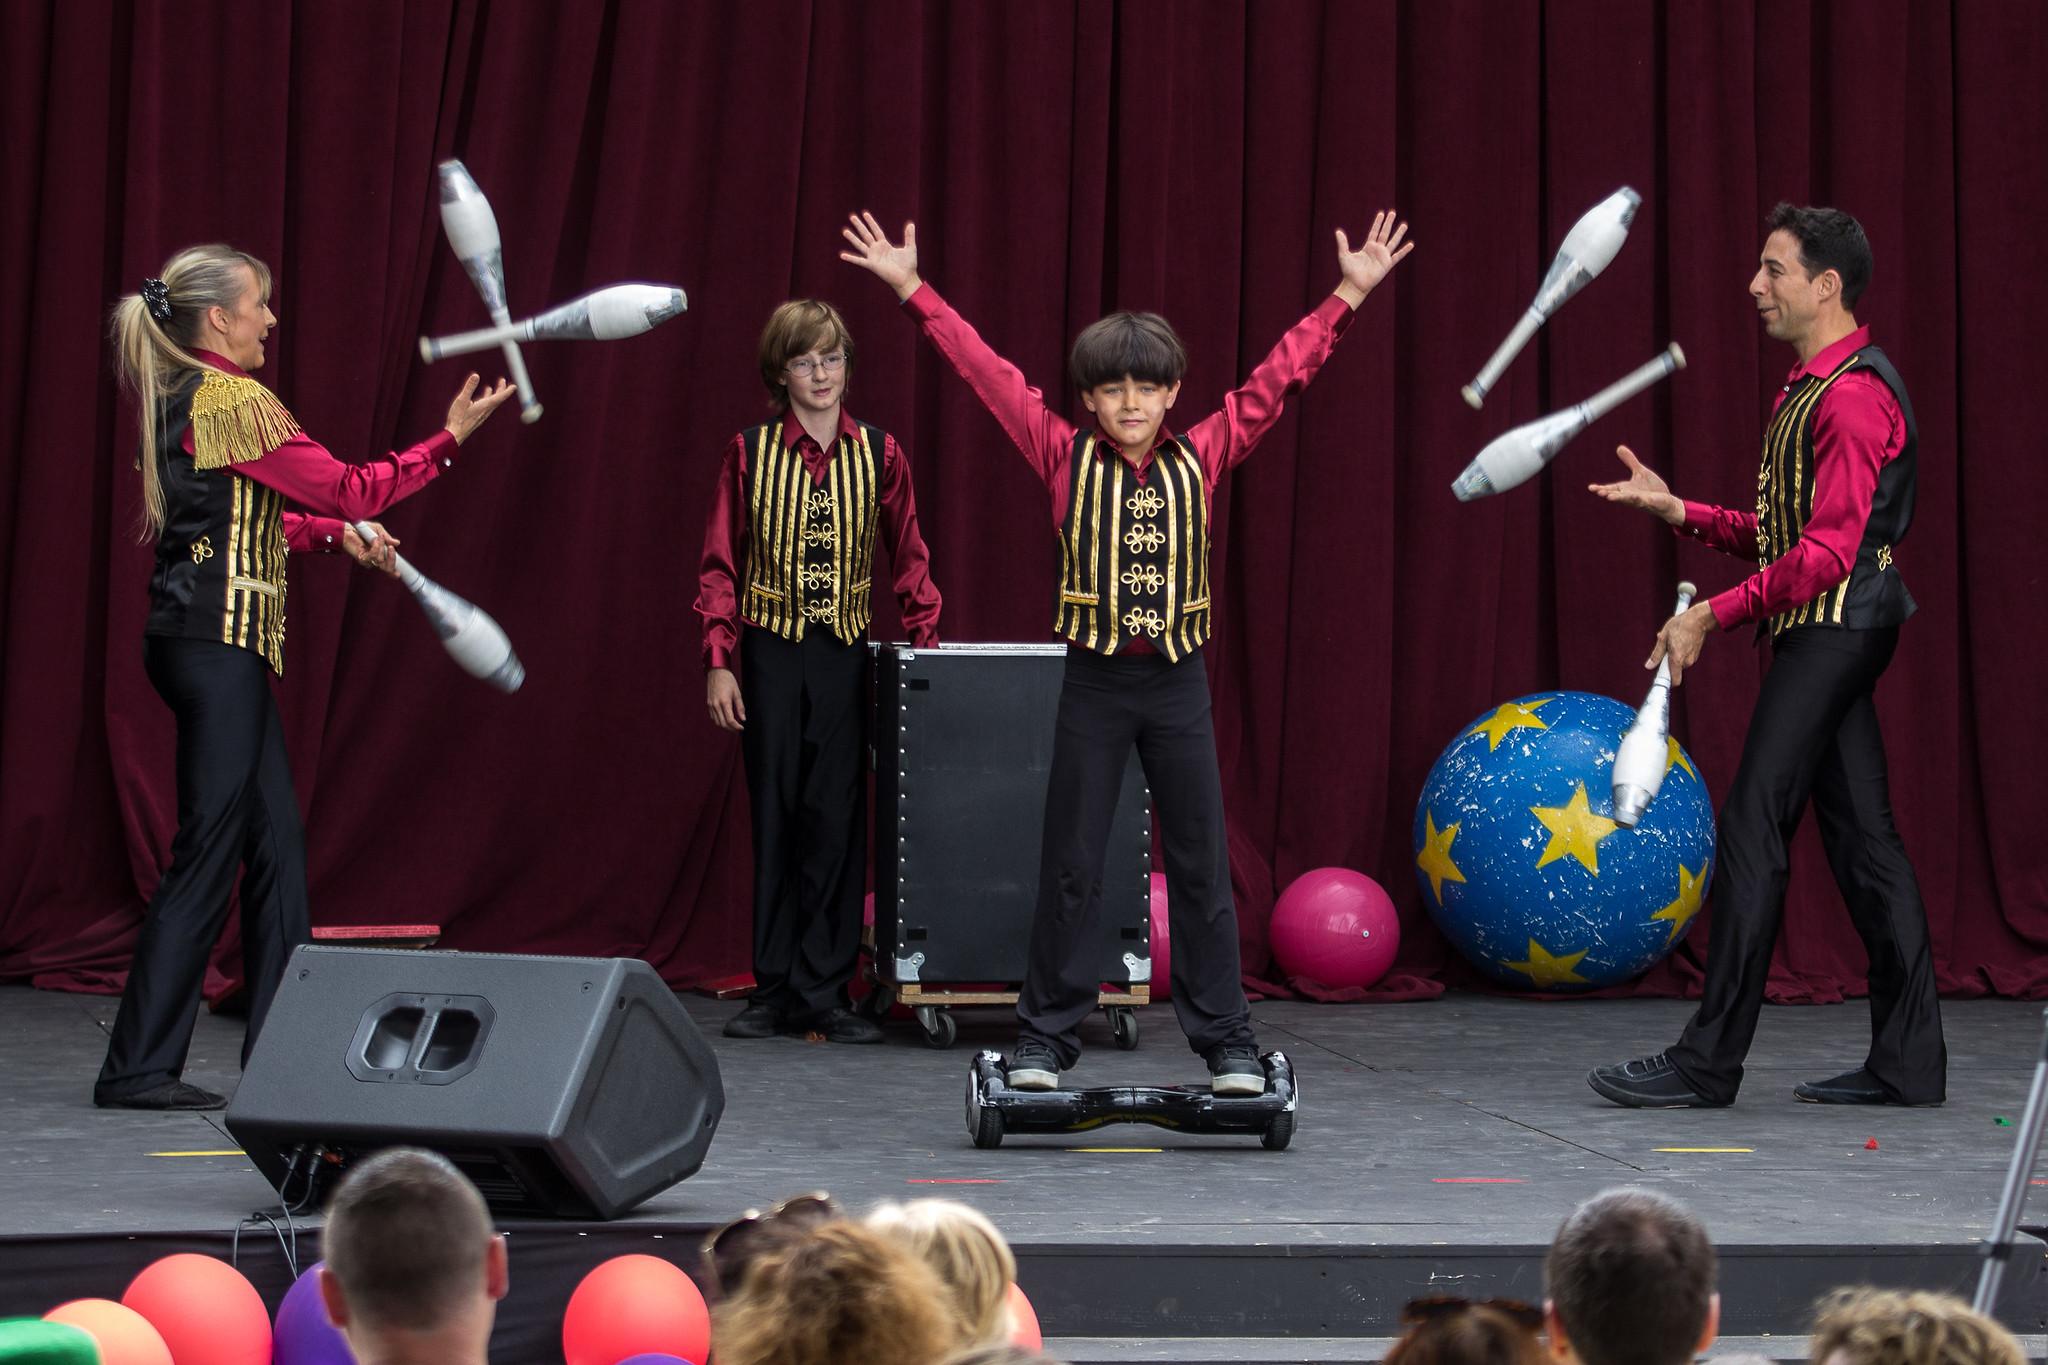 18th Annual Russian Arts and Culture Festival